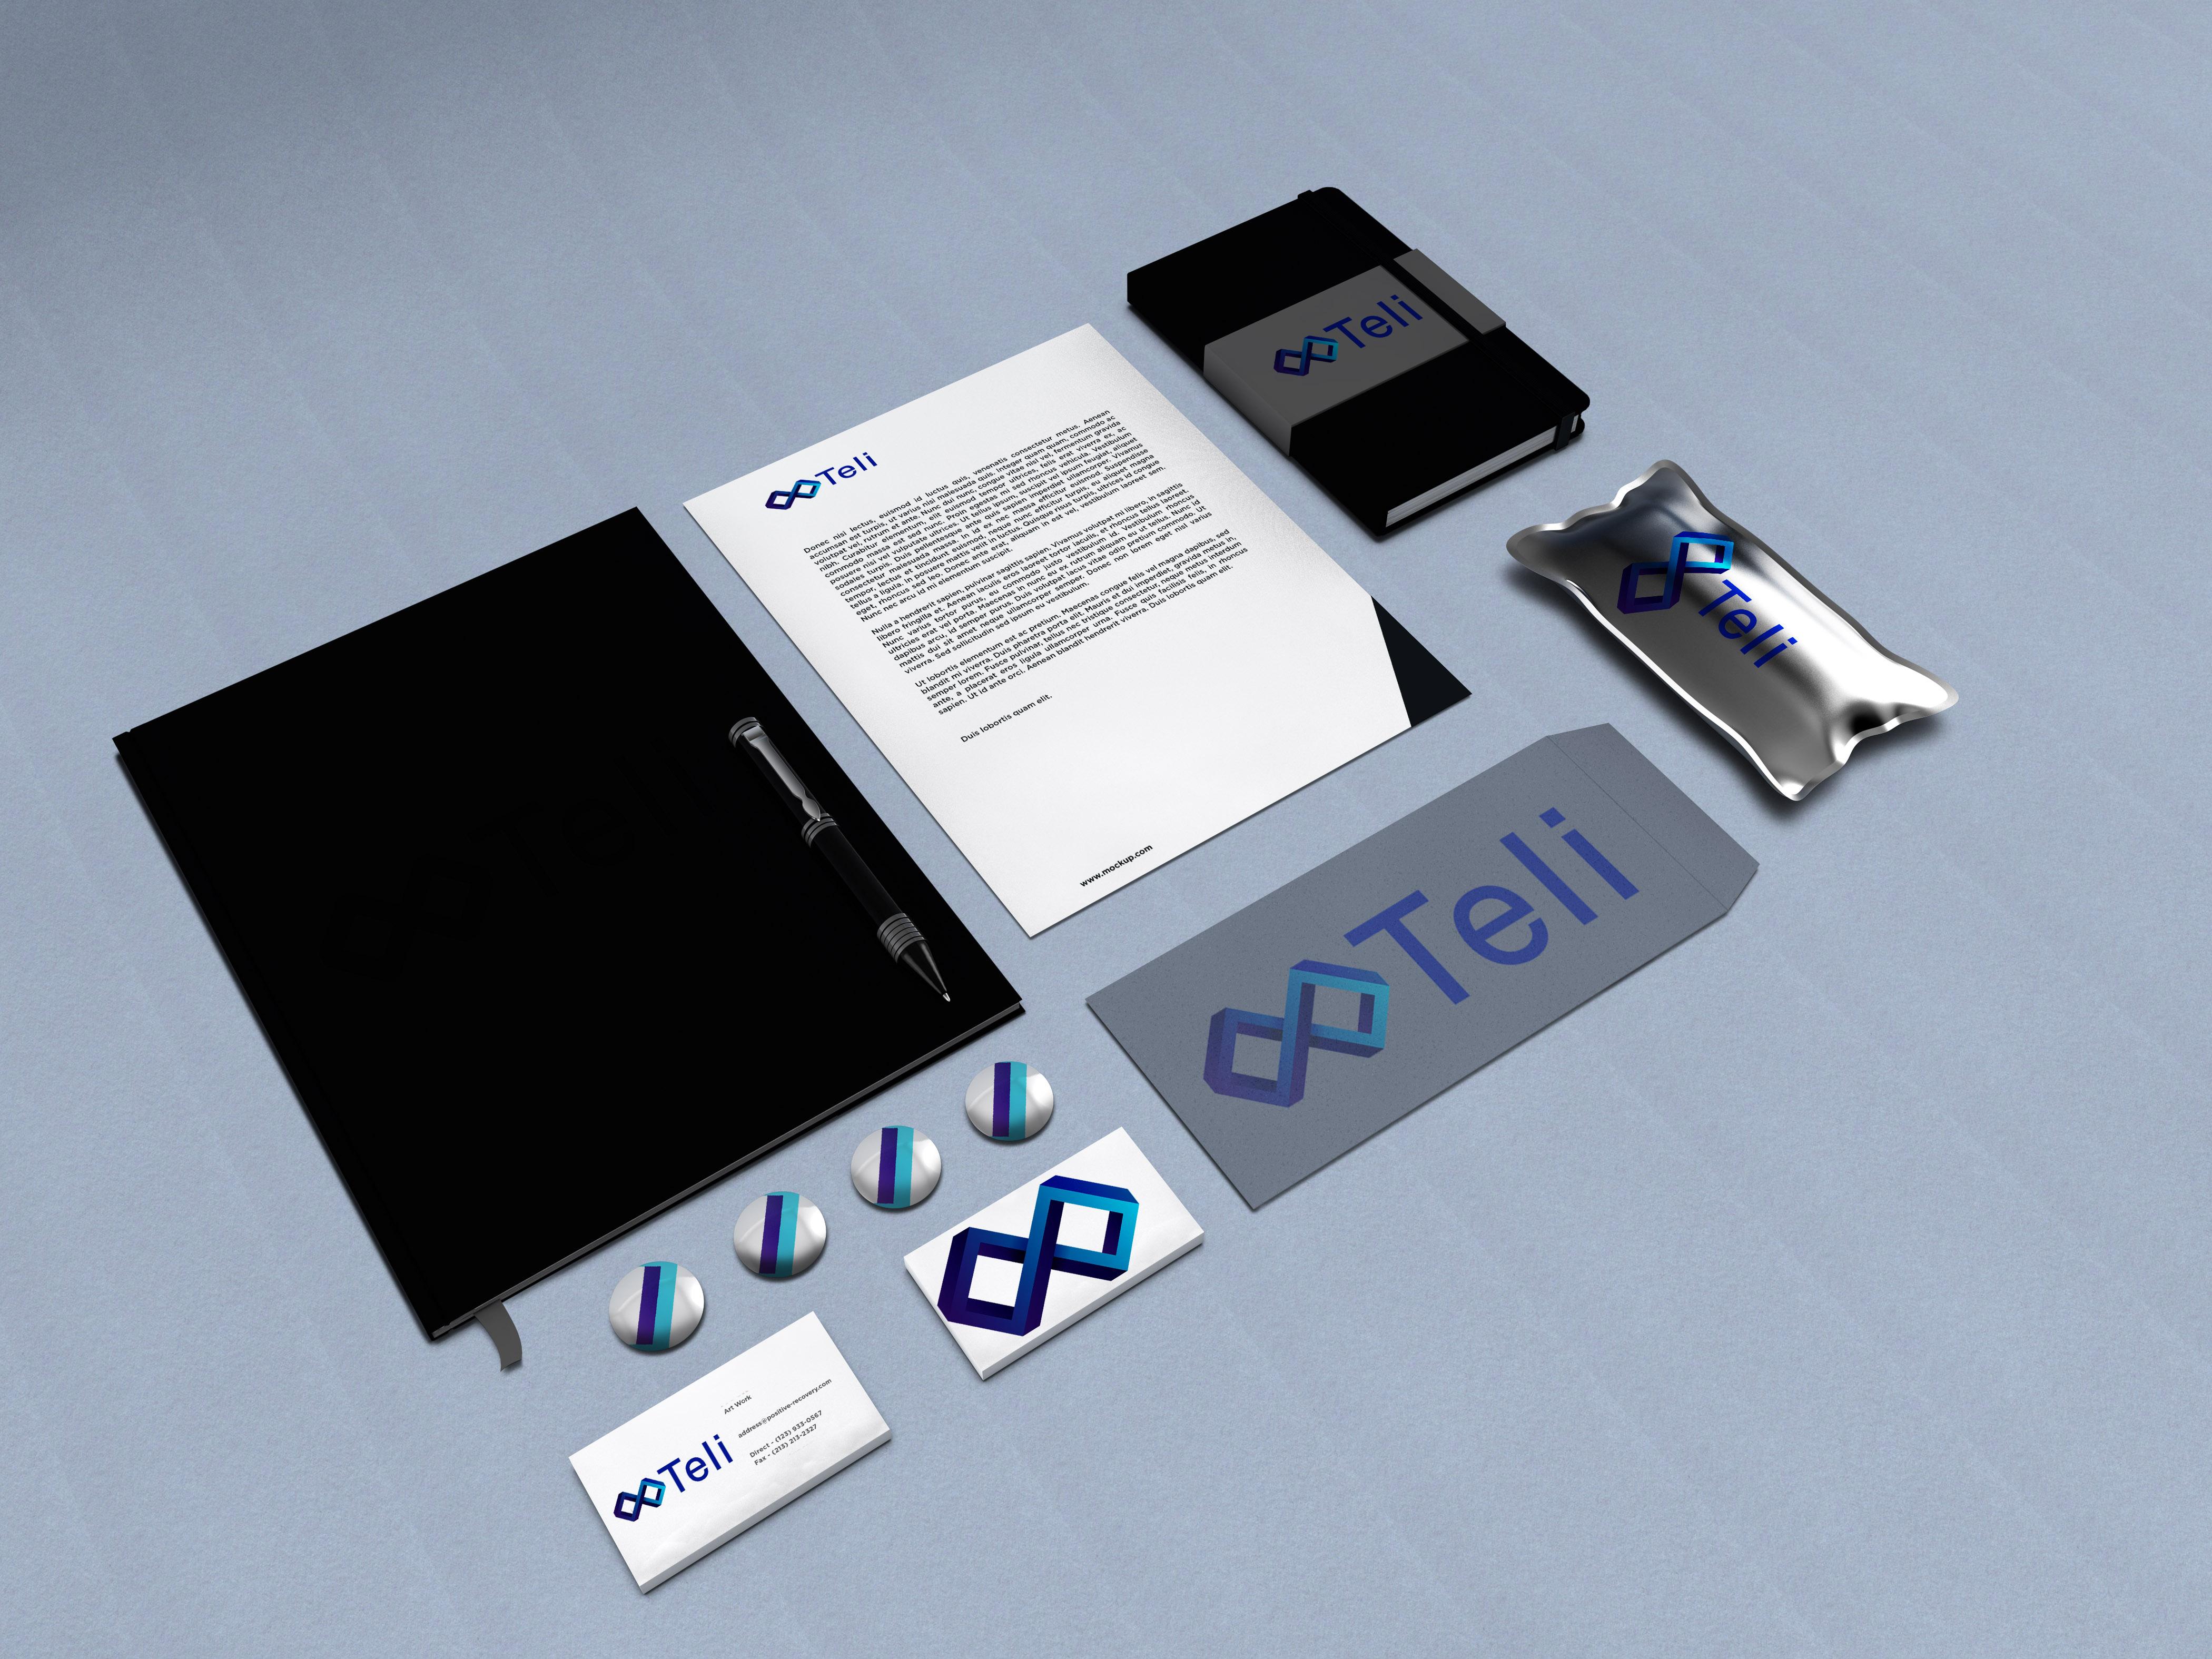 Разработка логотипа и фирменного стиля фото f_68058fc6b2bf1813.jpg